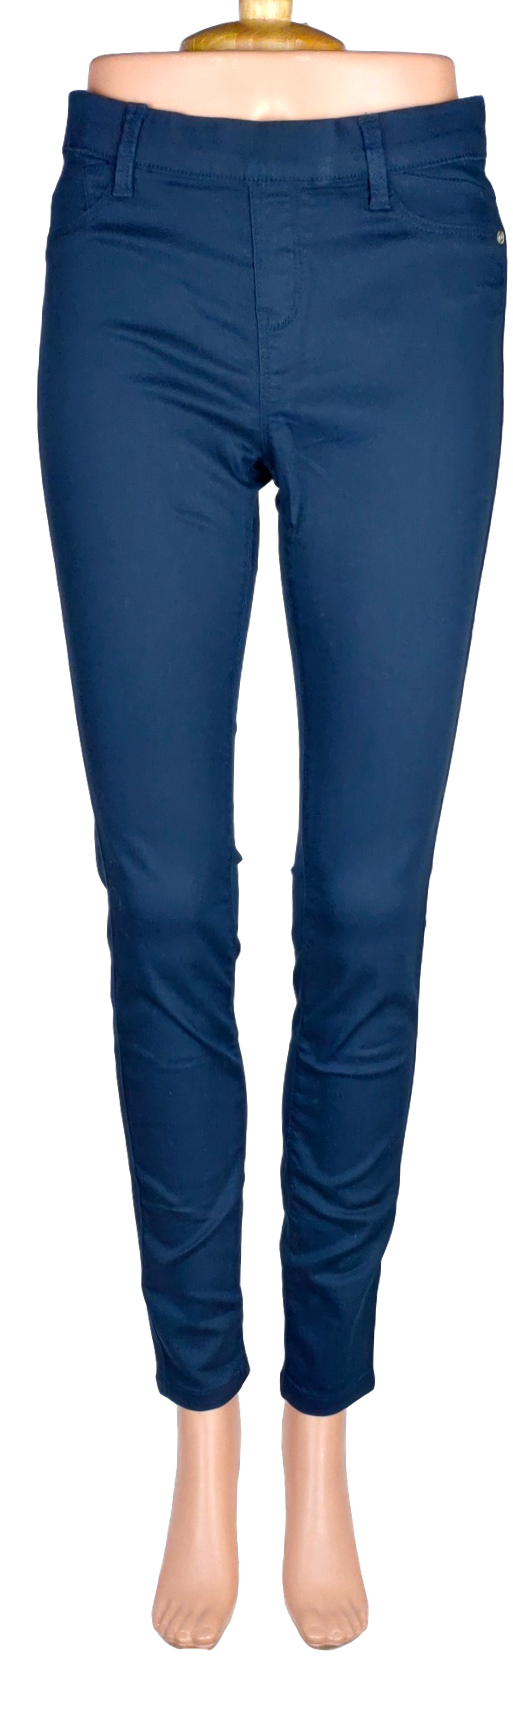 Pantalon Camaïeu -Taille 36